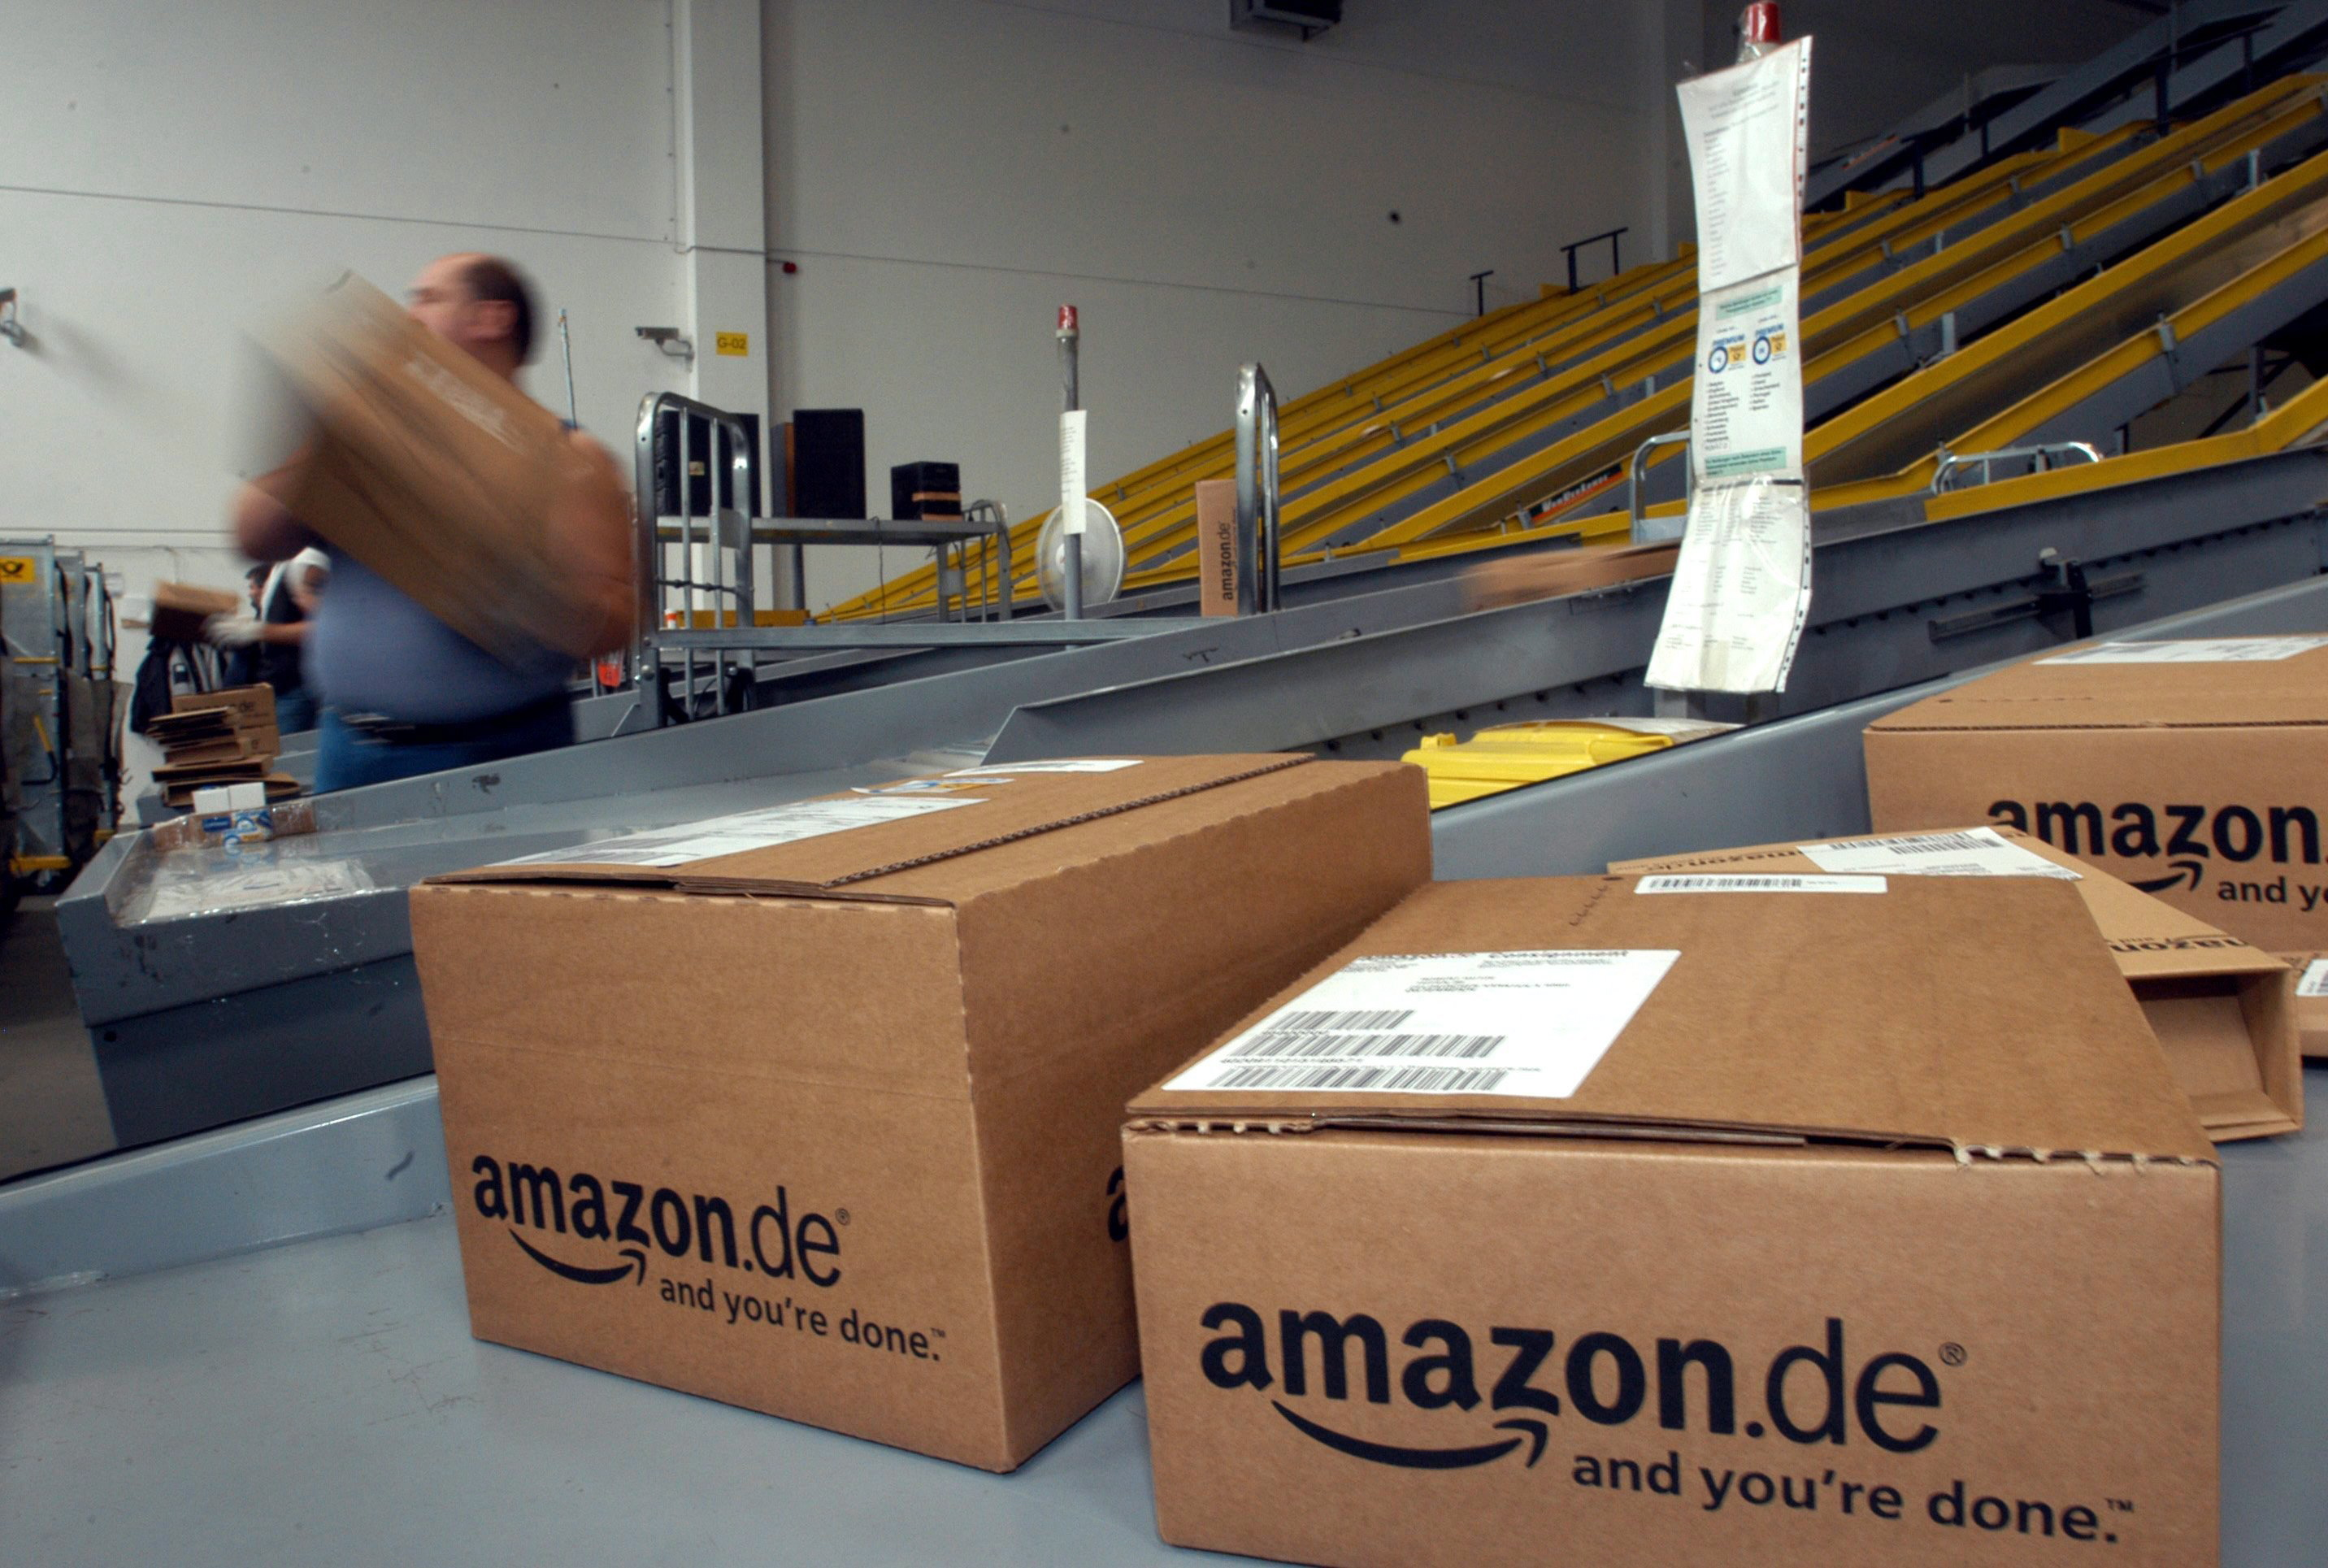 Европа отхвърли патентна заявка на Amazon